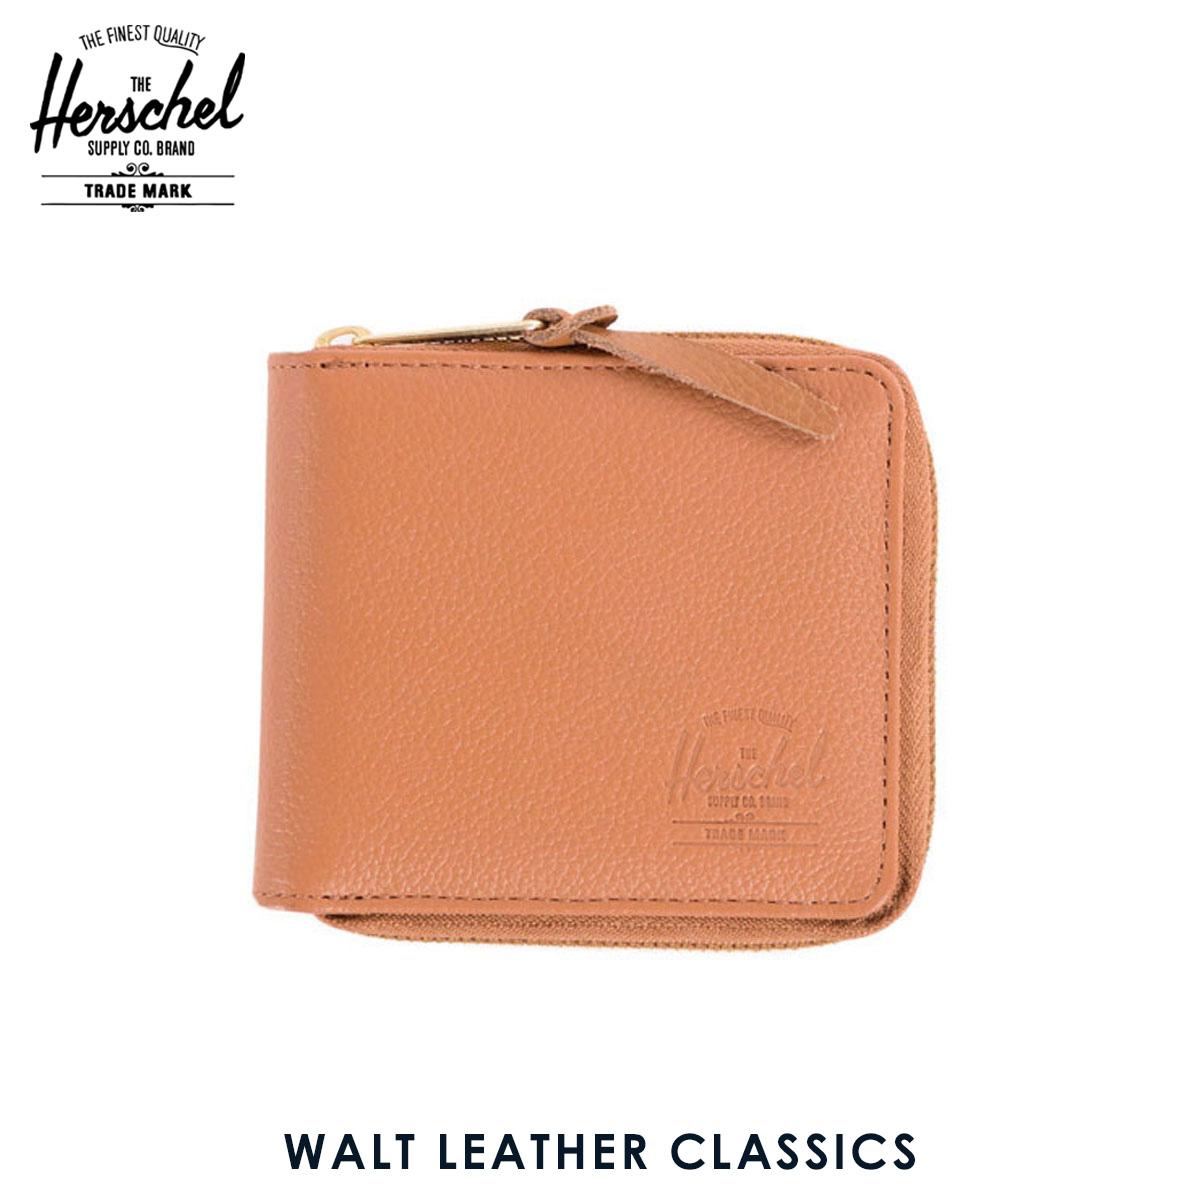 ハーシェル サプライ Herschel Supply 正規販売店 財布 WALT LEATHER CLASSICS WALLET 10153-00034-OS TAN PEBBLED LEATHER D00S20